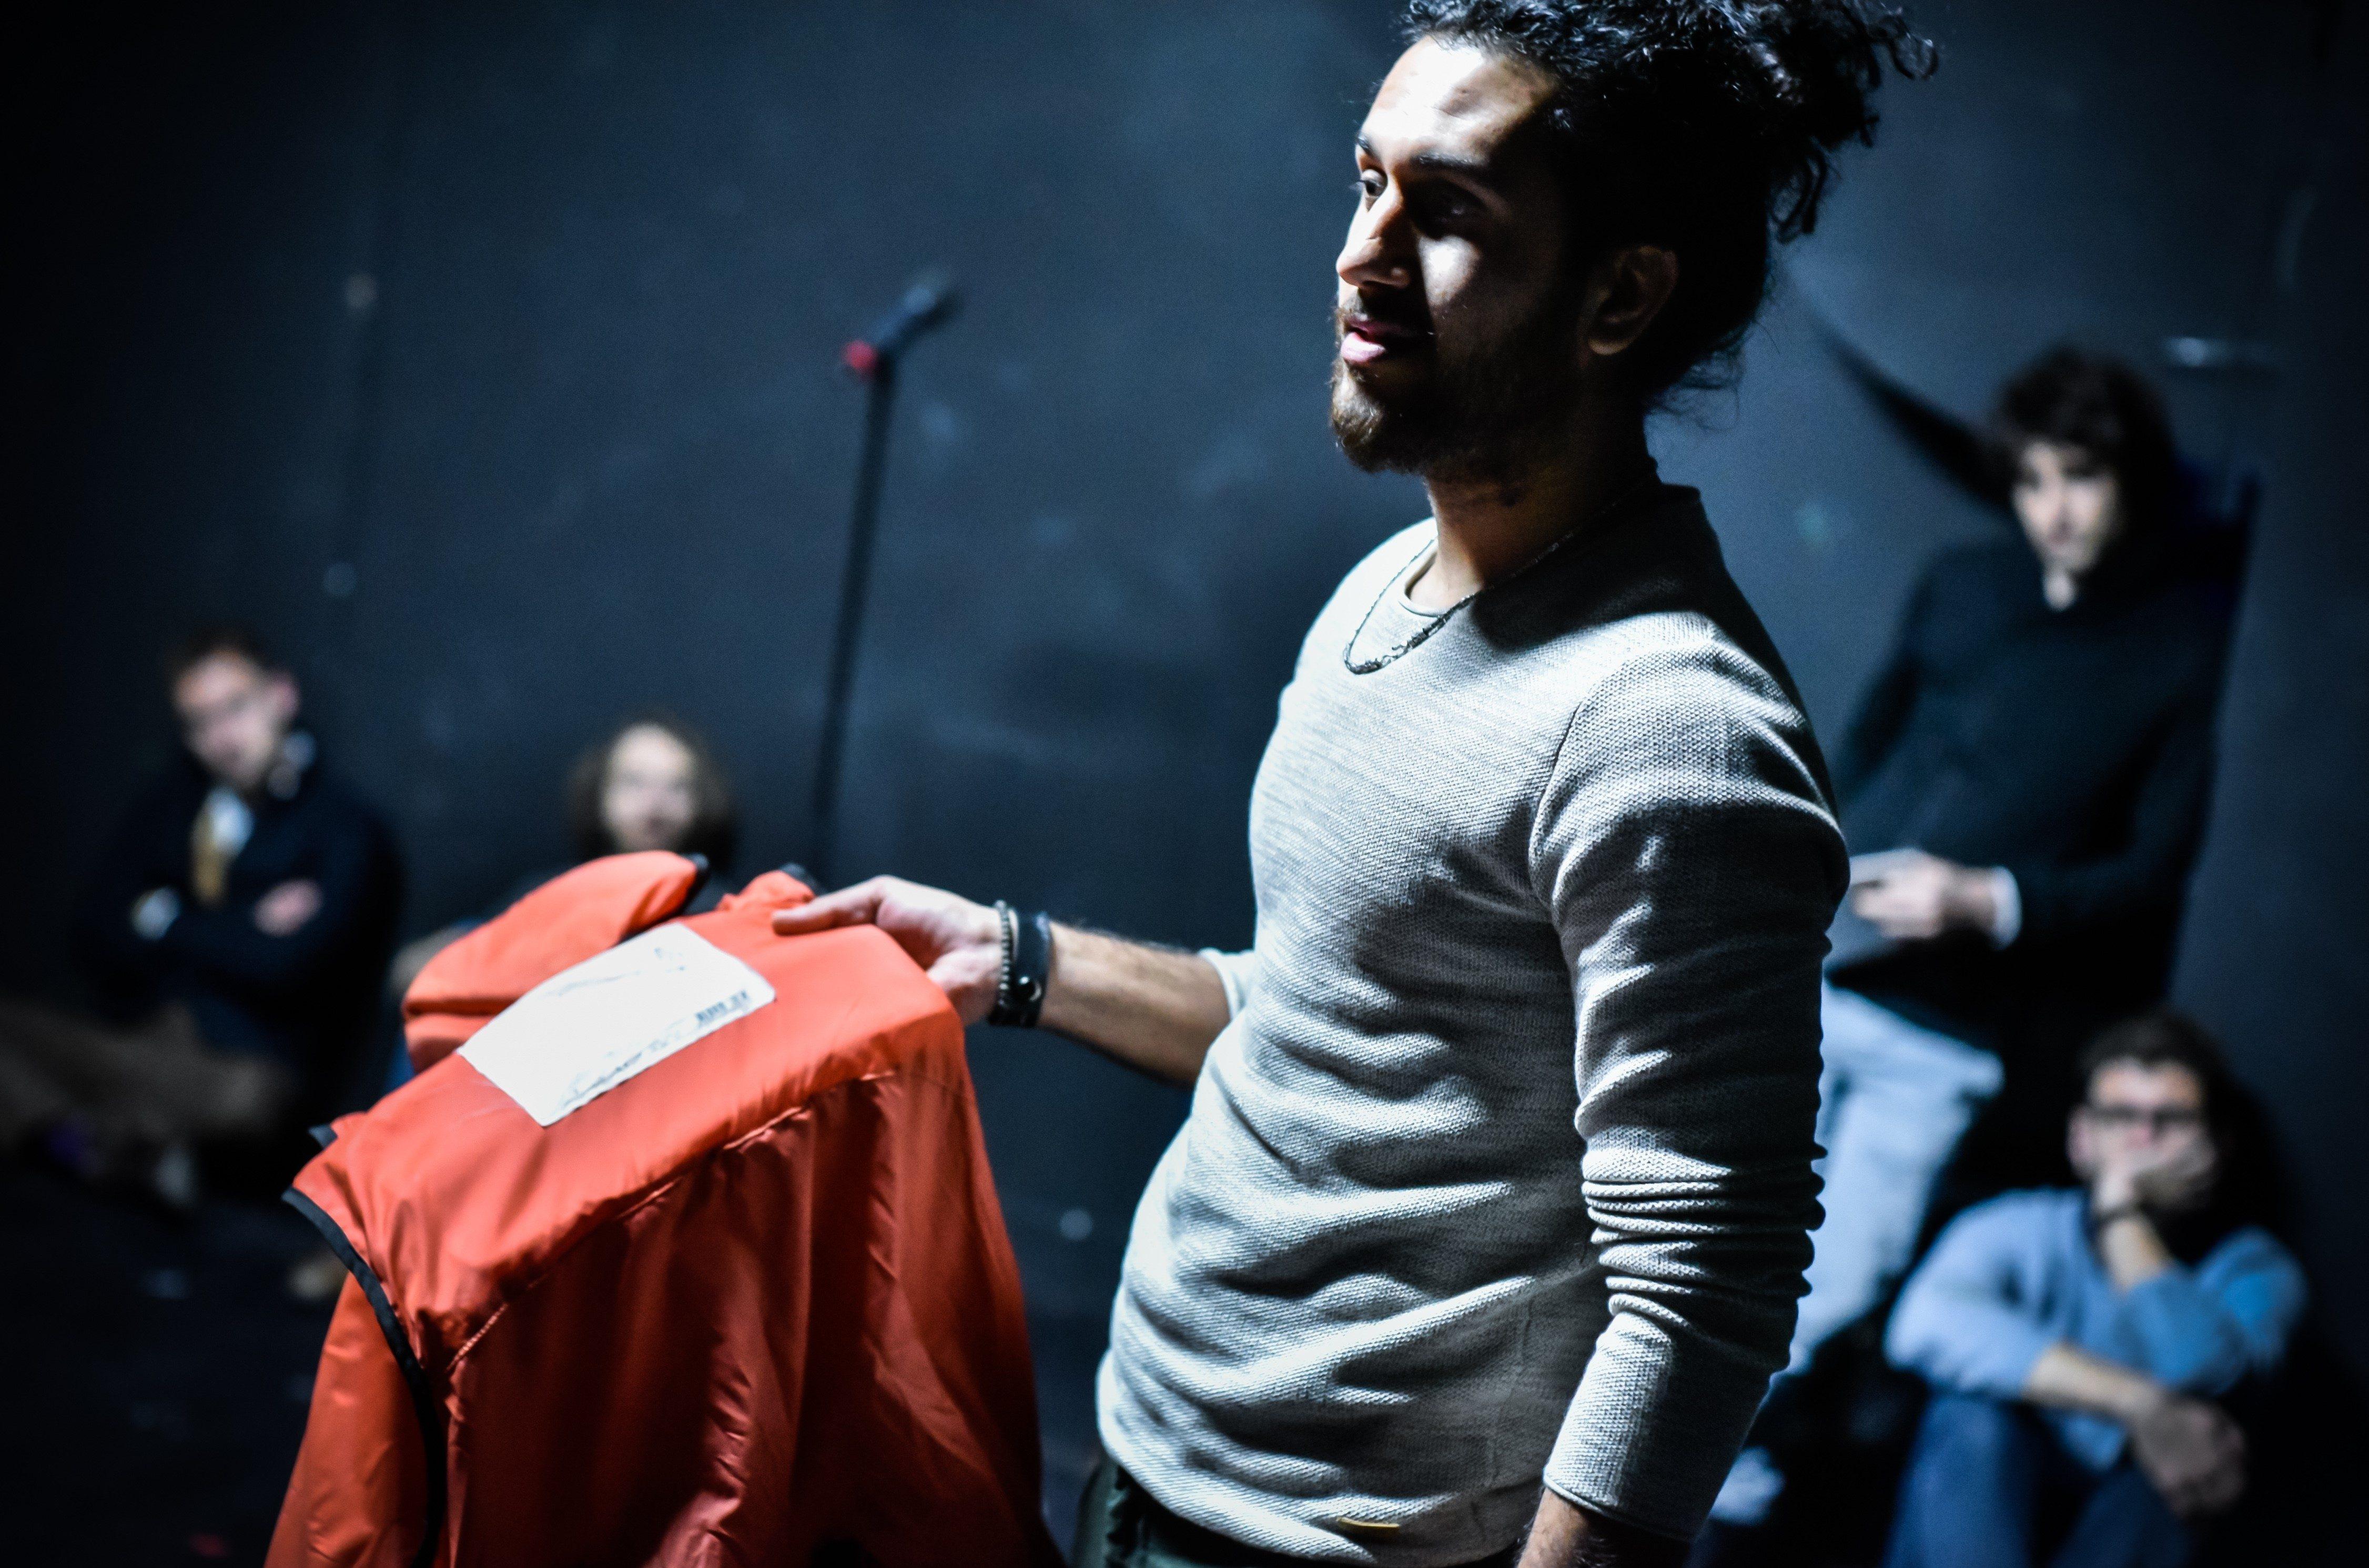 Fluchtgeschichten: Thalfakar Ali (vorne) – Foto: Arno Declair